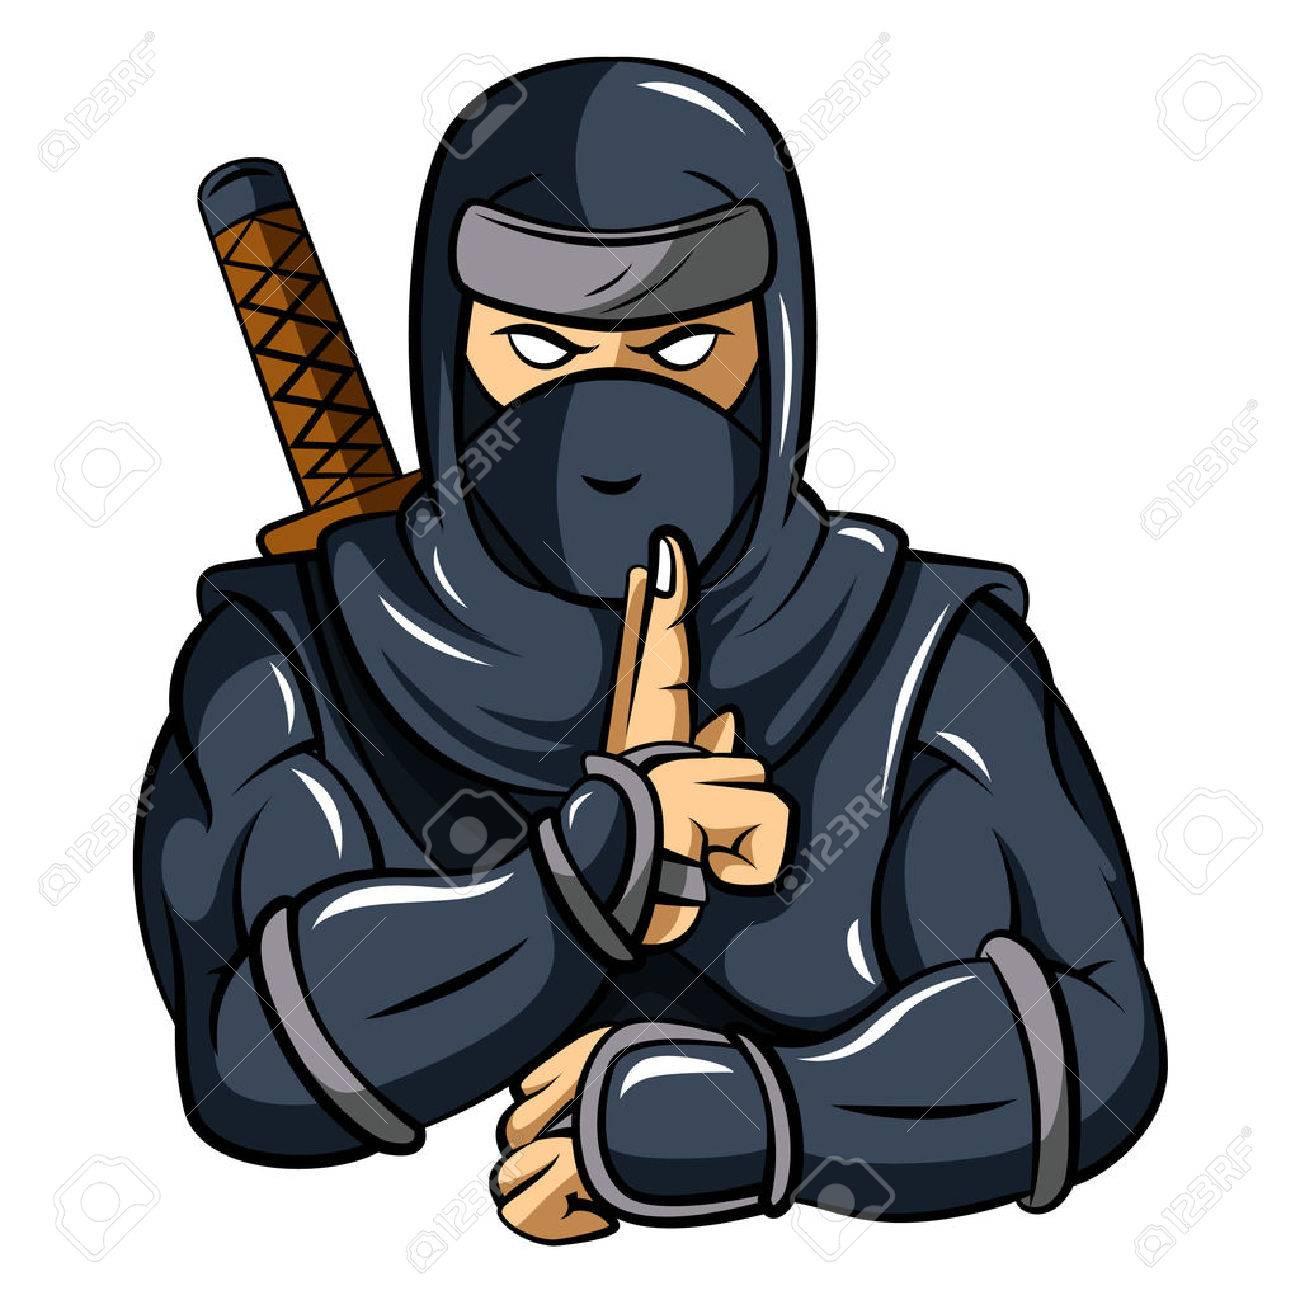 36229800-ninja-mascot.jpg